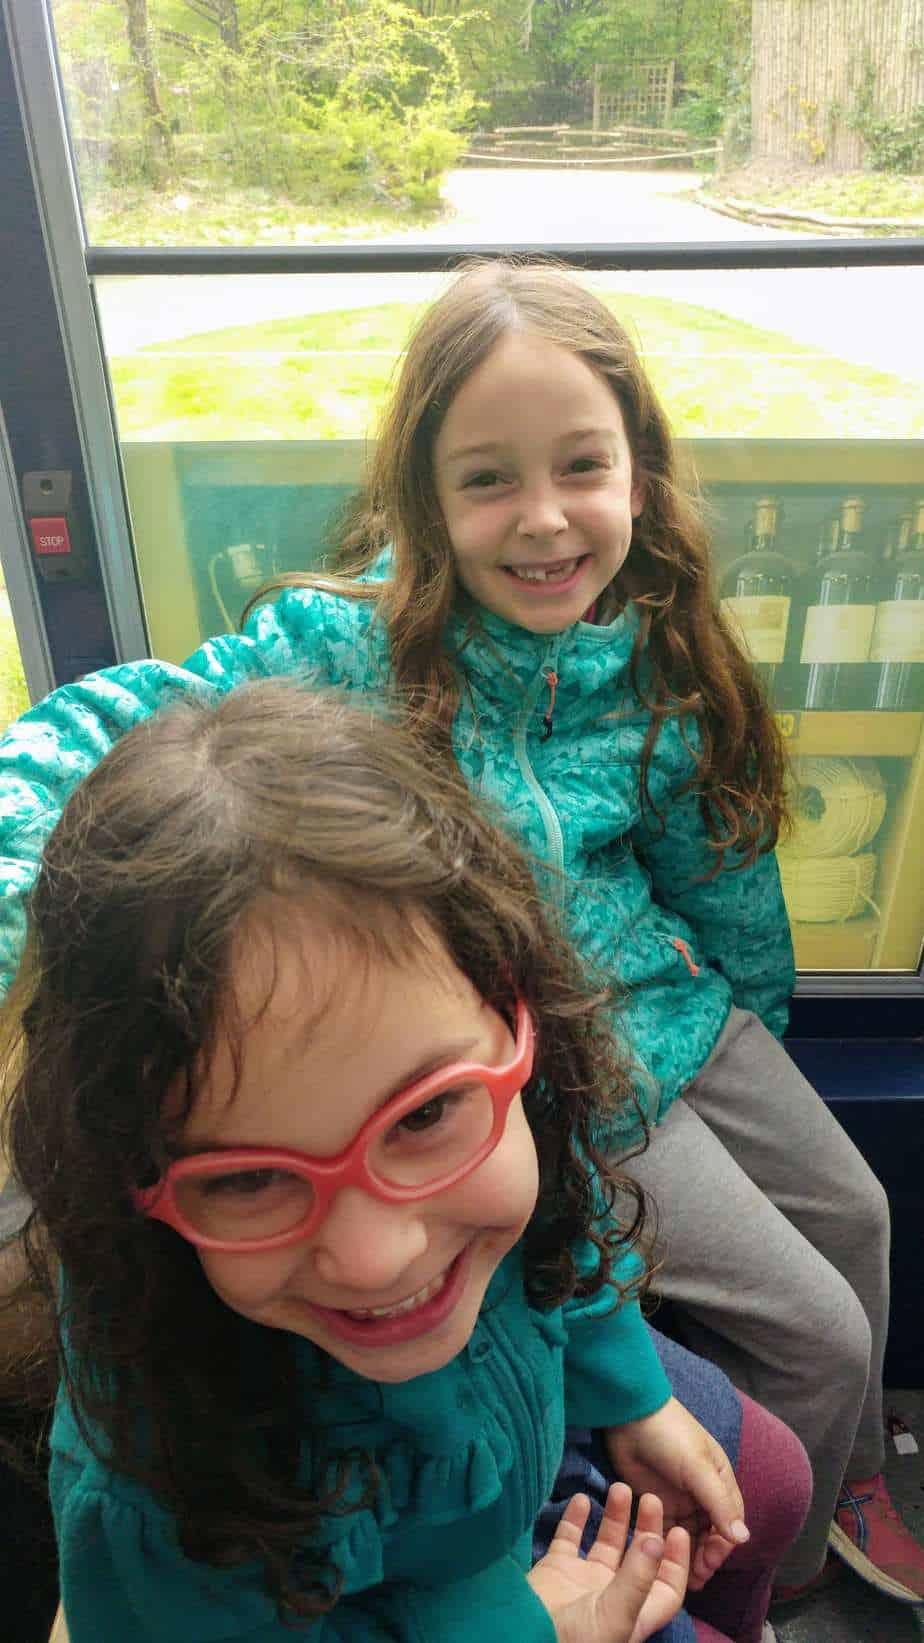 עמק הלואר עם ילדים - הרכבת ב-Puy du Fou